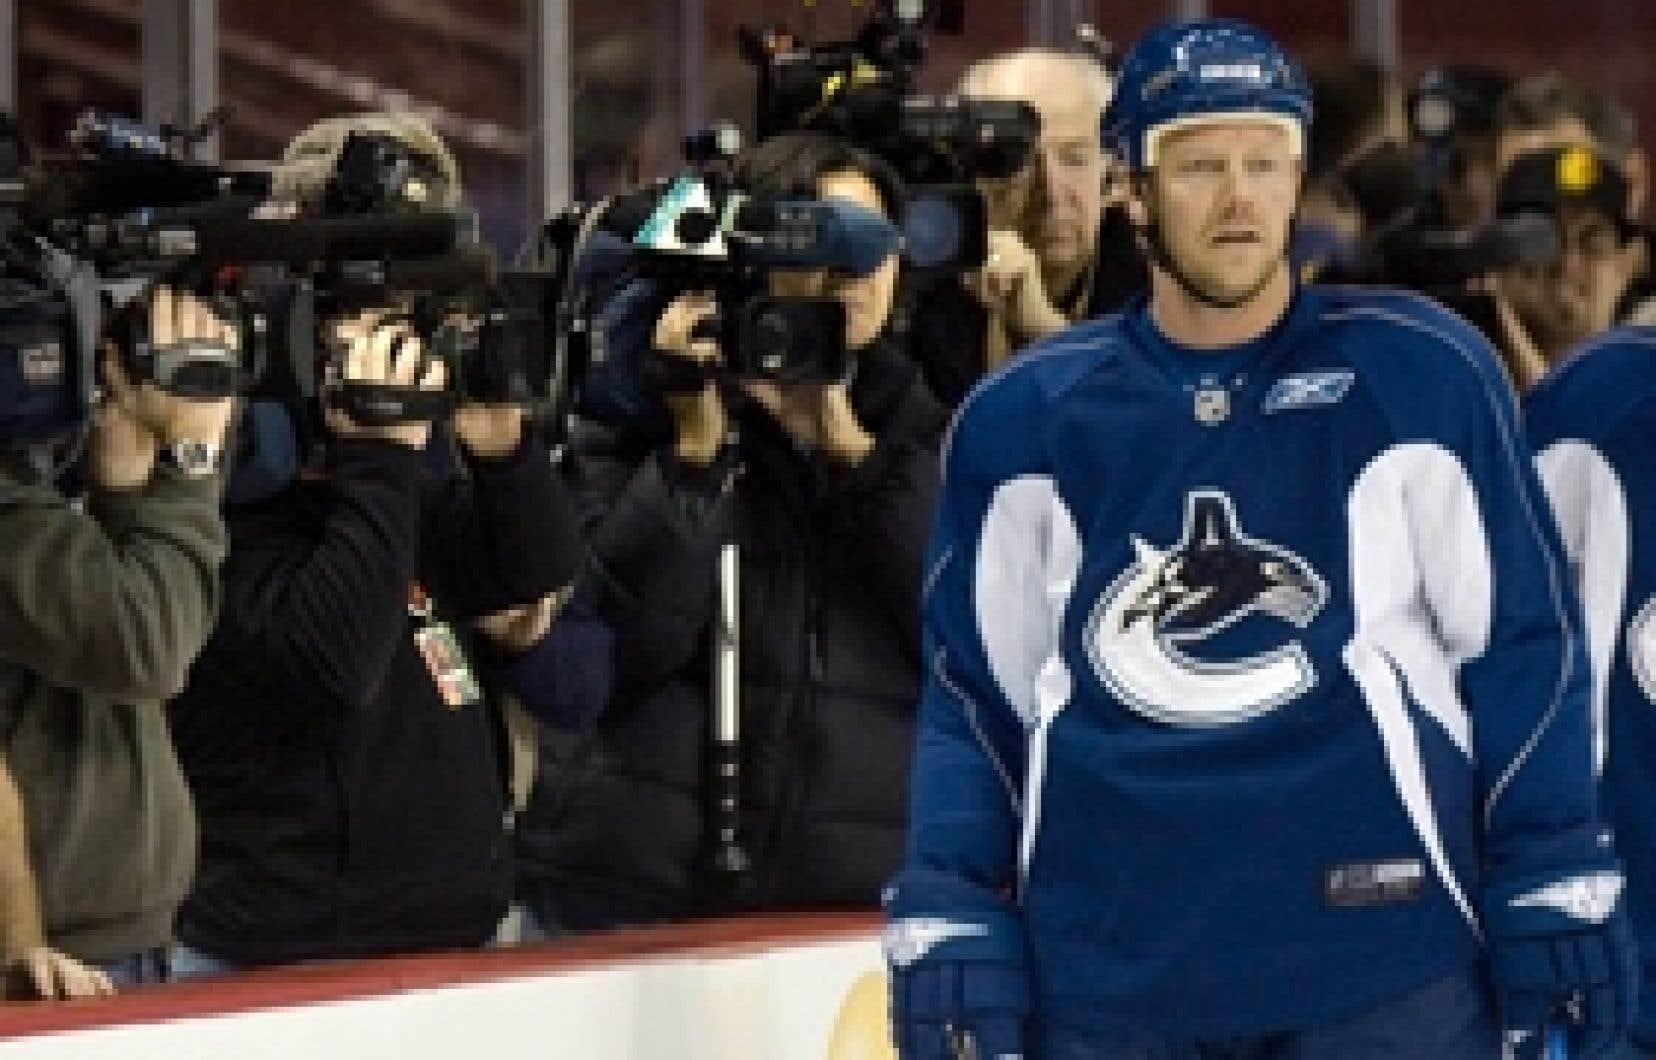 De nombreux caméramans et photographes s'étaient massés le long de la baie vitrée au moment où Mats Sundin a fait son apparition sur la patinoire, à Vancouver, hier.